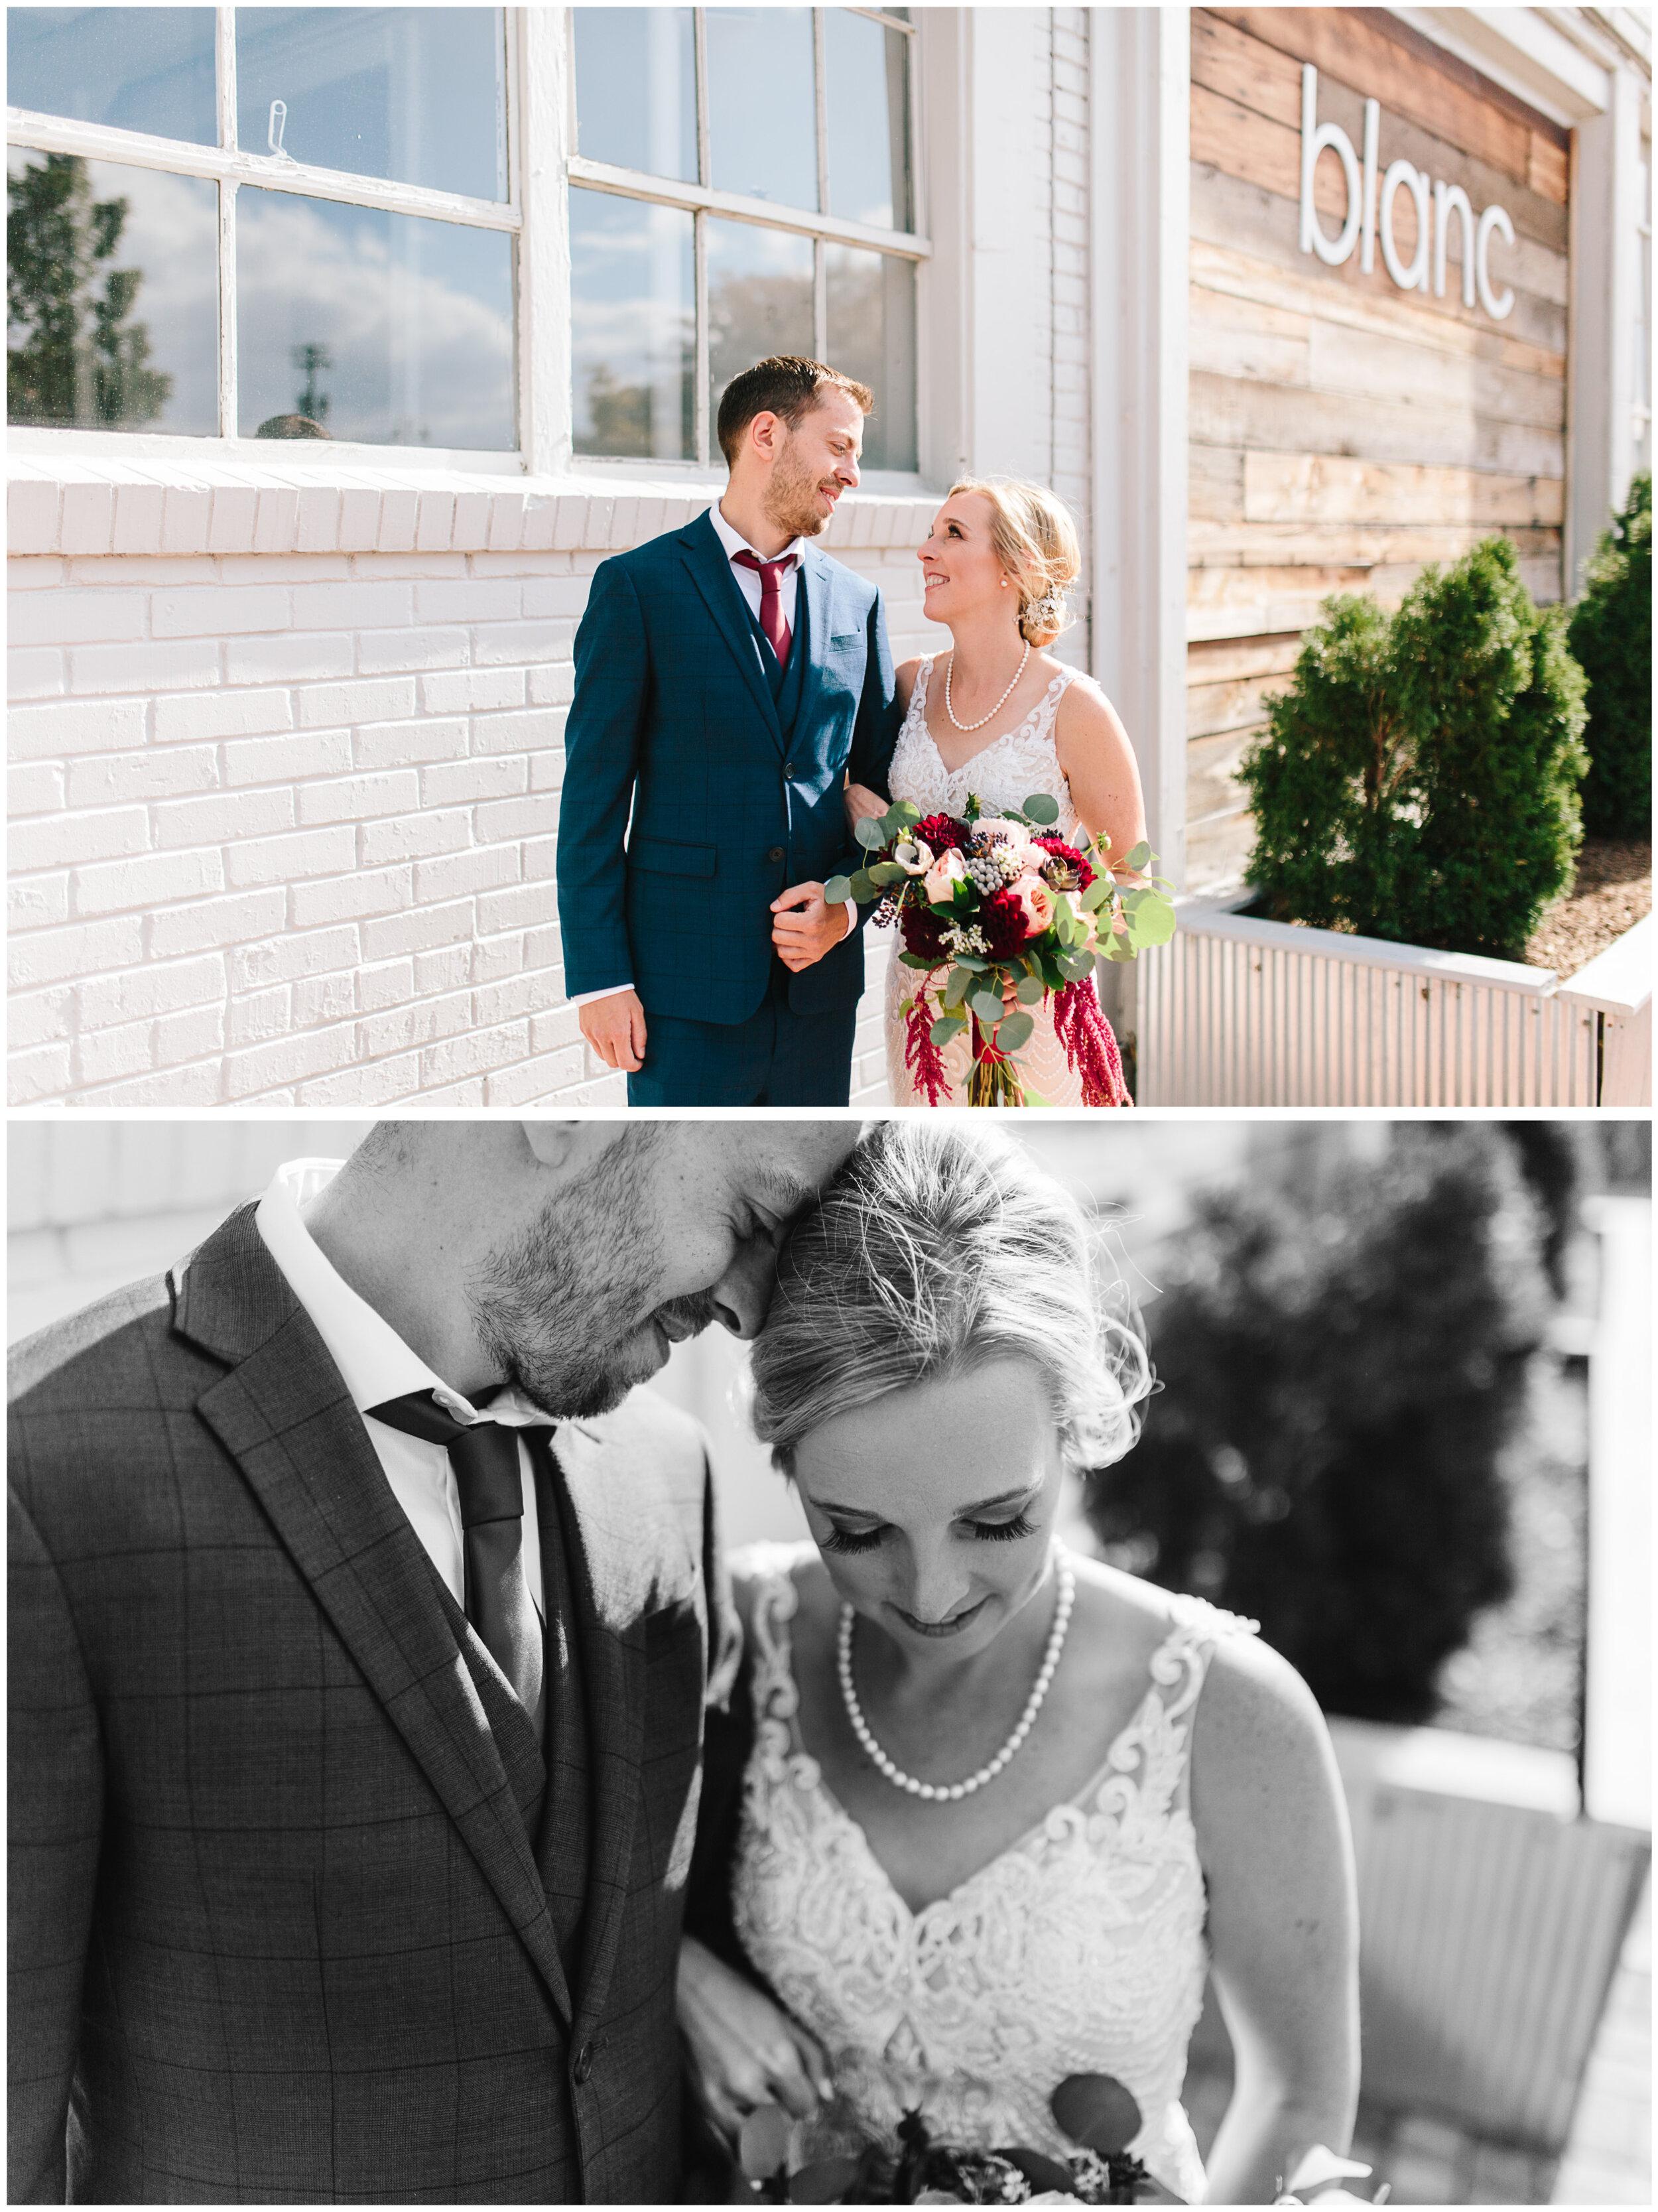 Blanc_Denver_Wedding_32.jpg